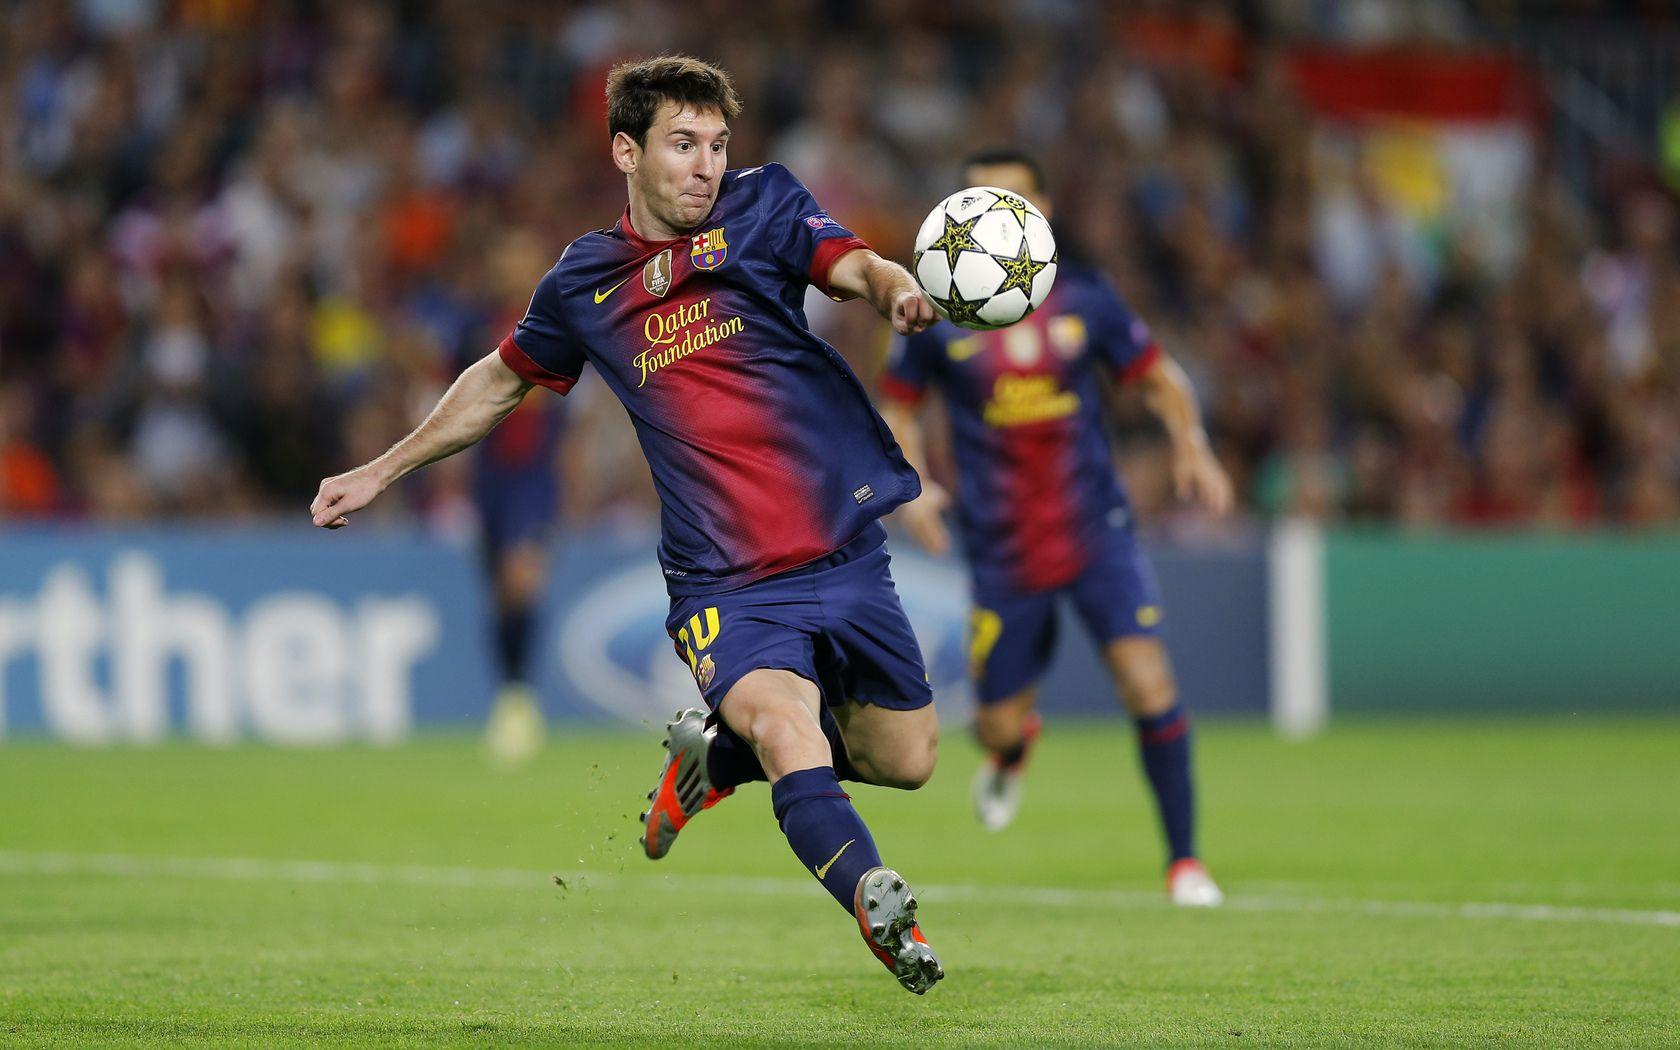 Fondos De Pantalla Con Imagenes Lionel Messi Messi Deportes